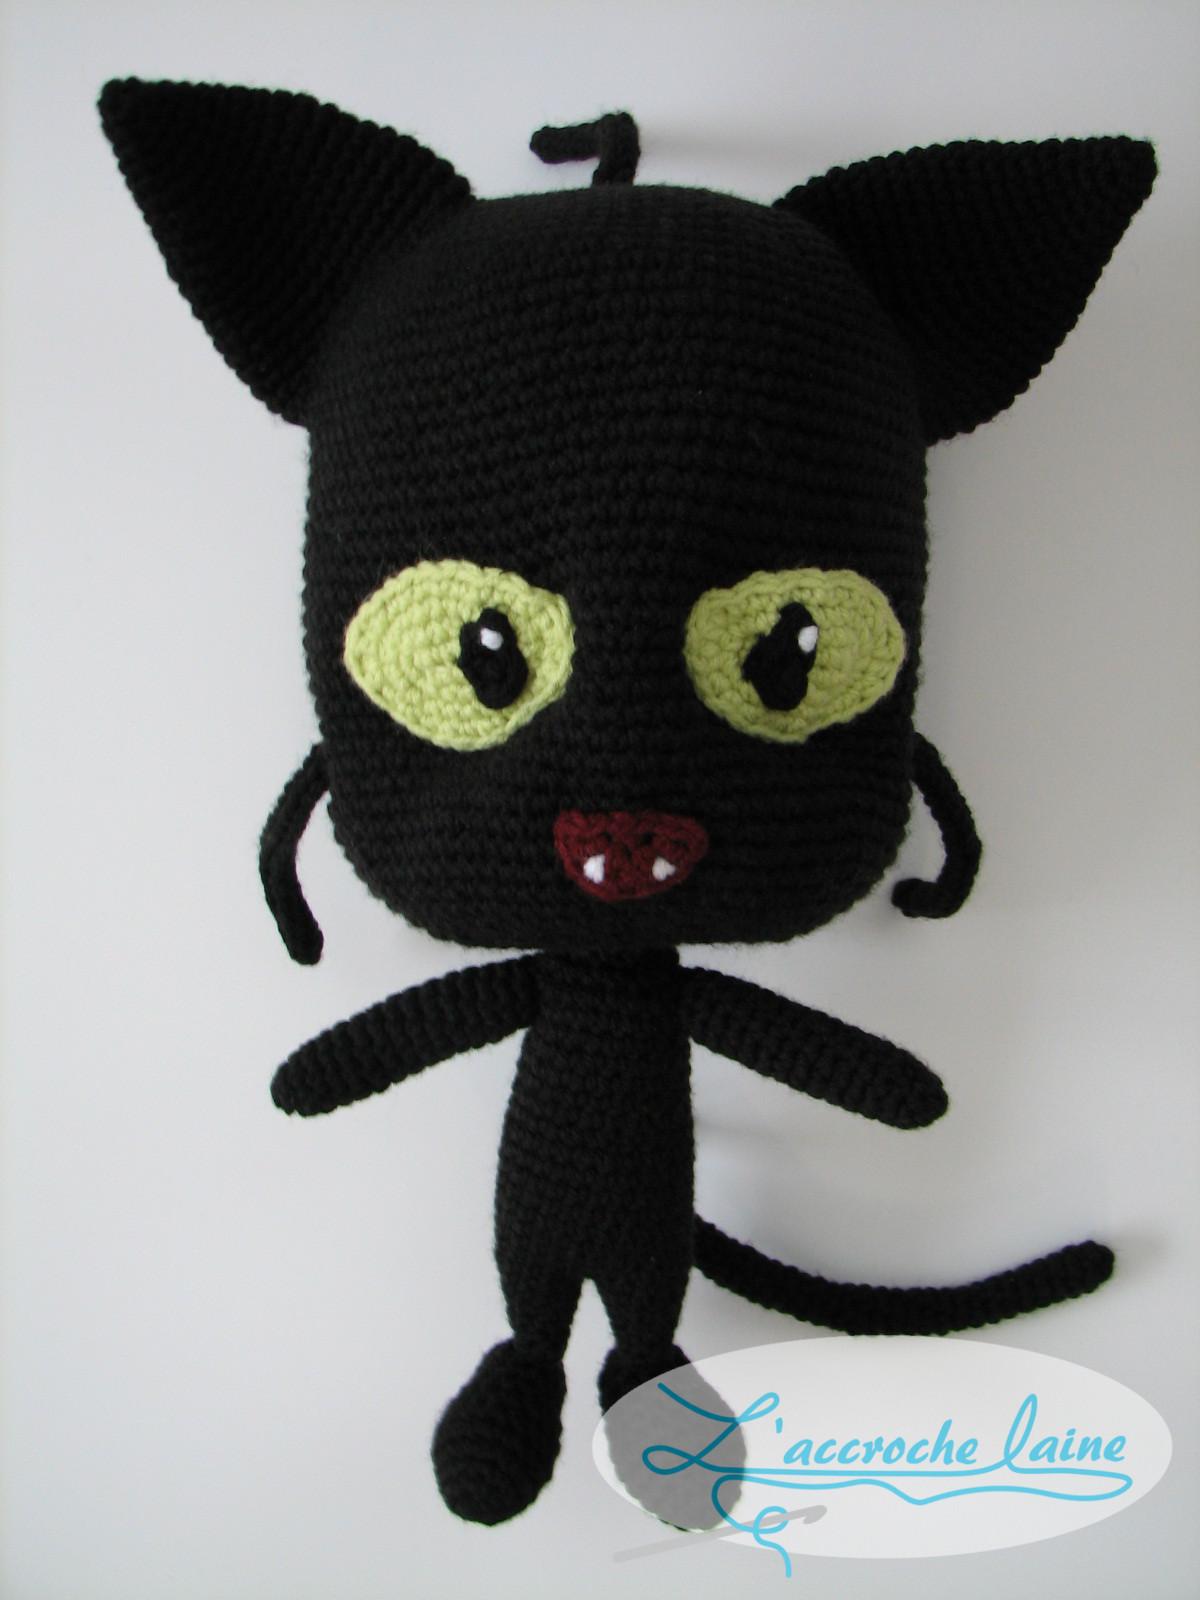 Resultado de imagen para ladybug crochet amigurumi | Patrones ... | 1600x1200